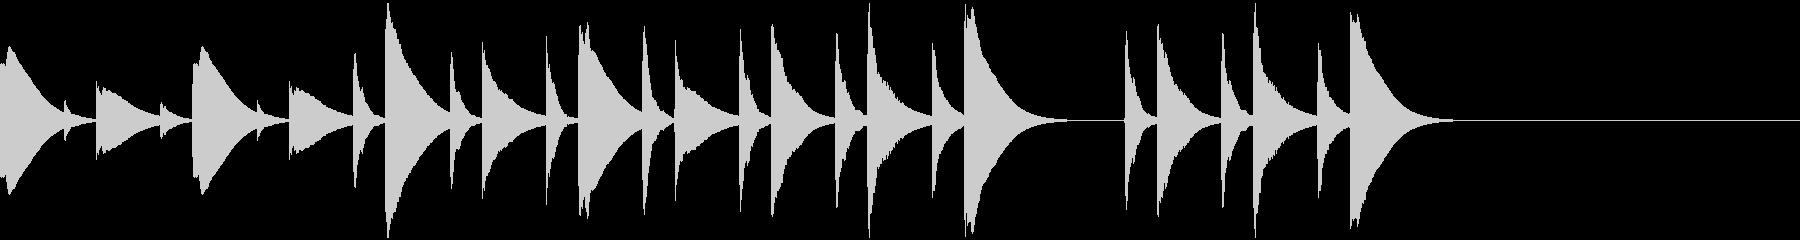 木琴のほのぼのしたキッチン向けジングルの未再生の波形